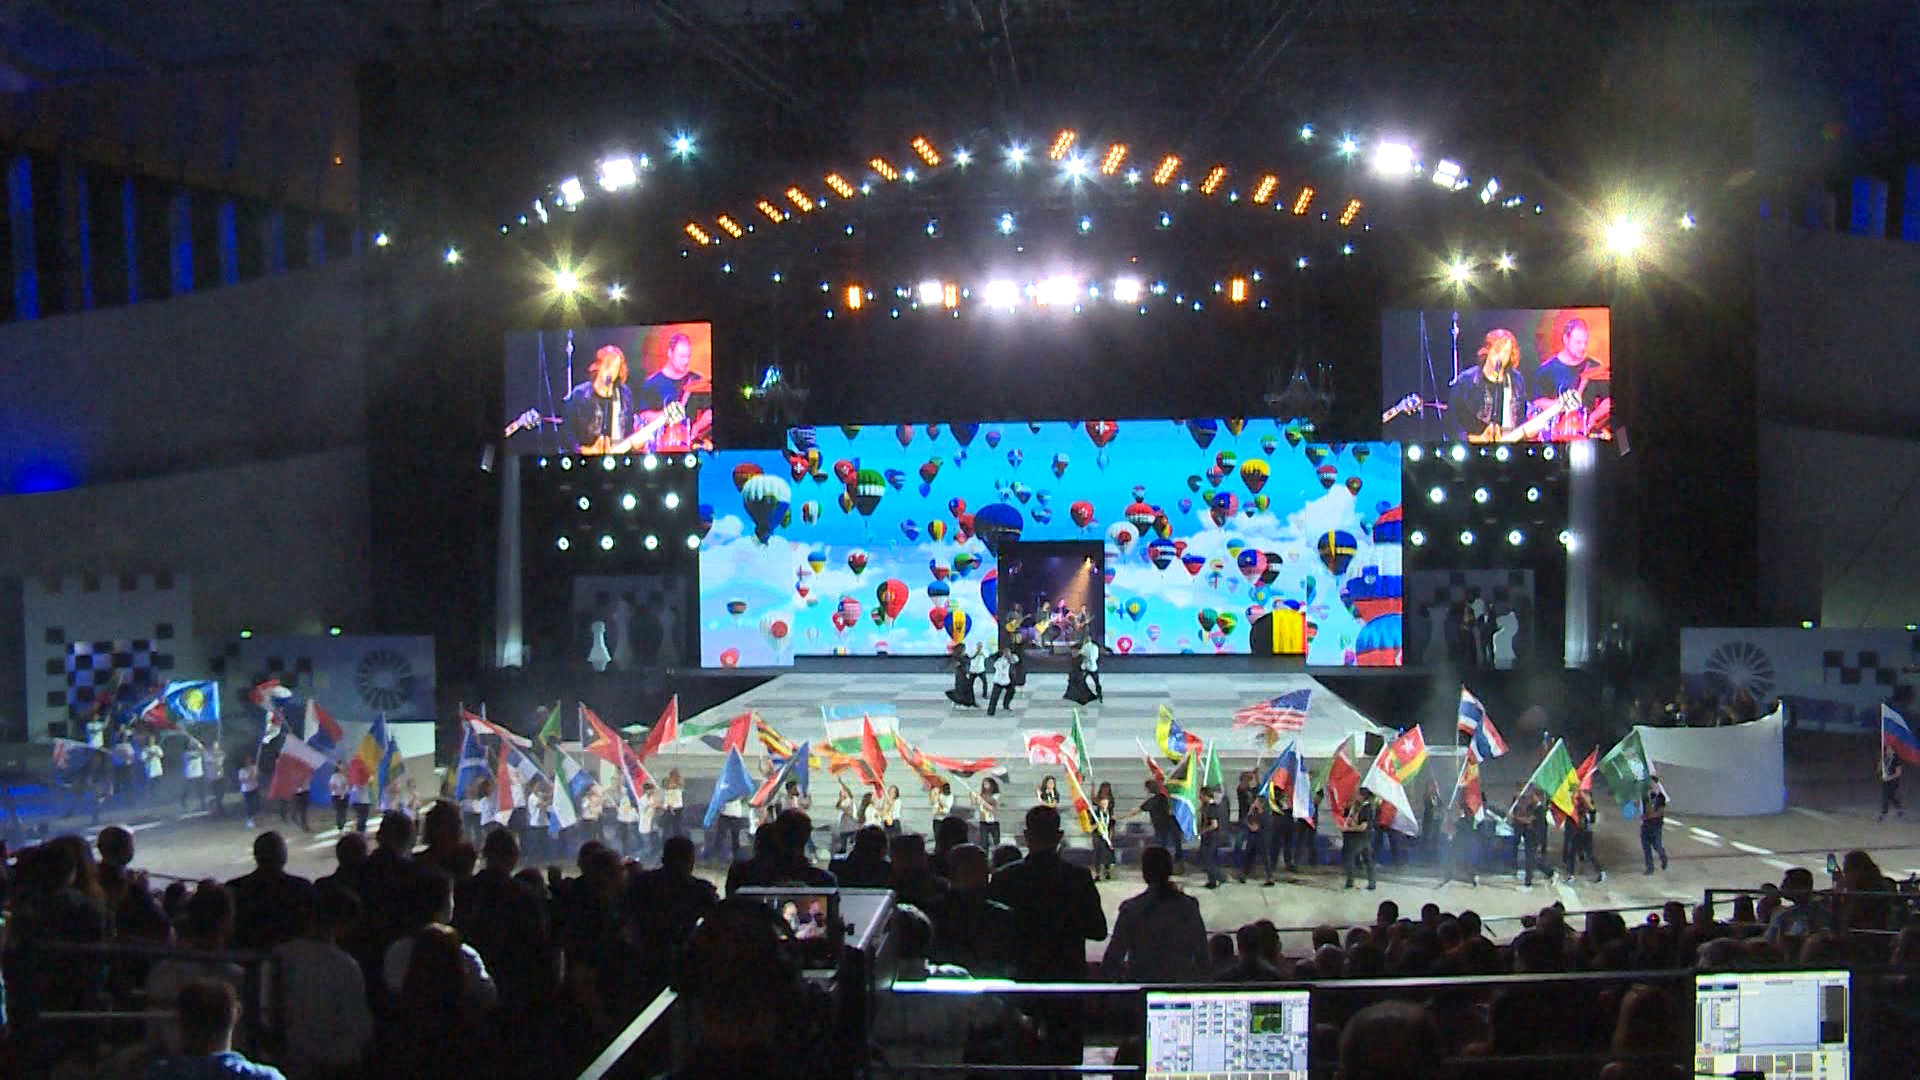 რა ხდებოდა გუშინ Black Sea Arena-ზე